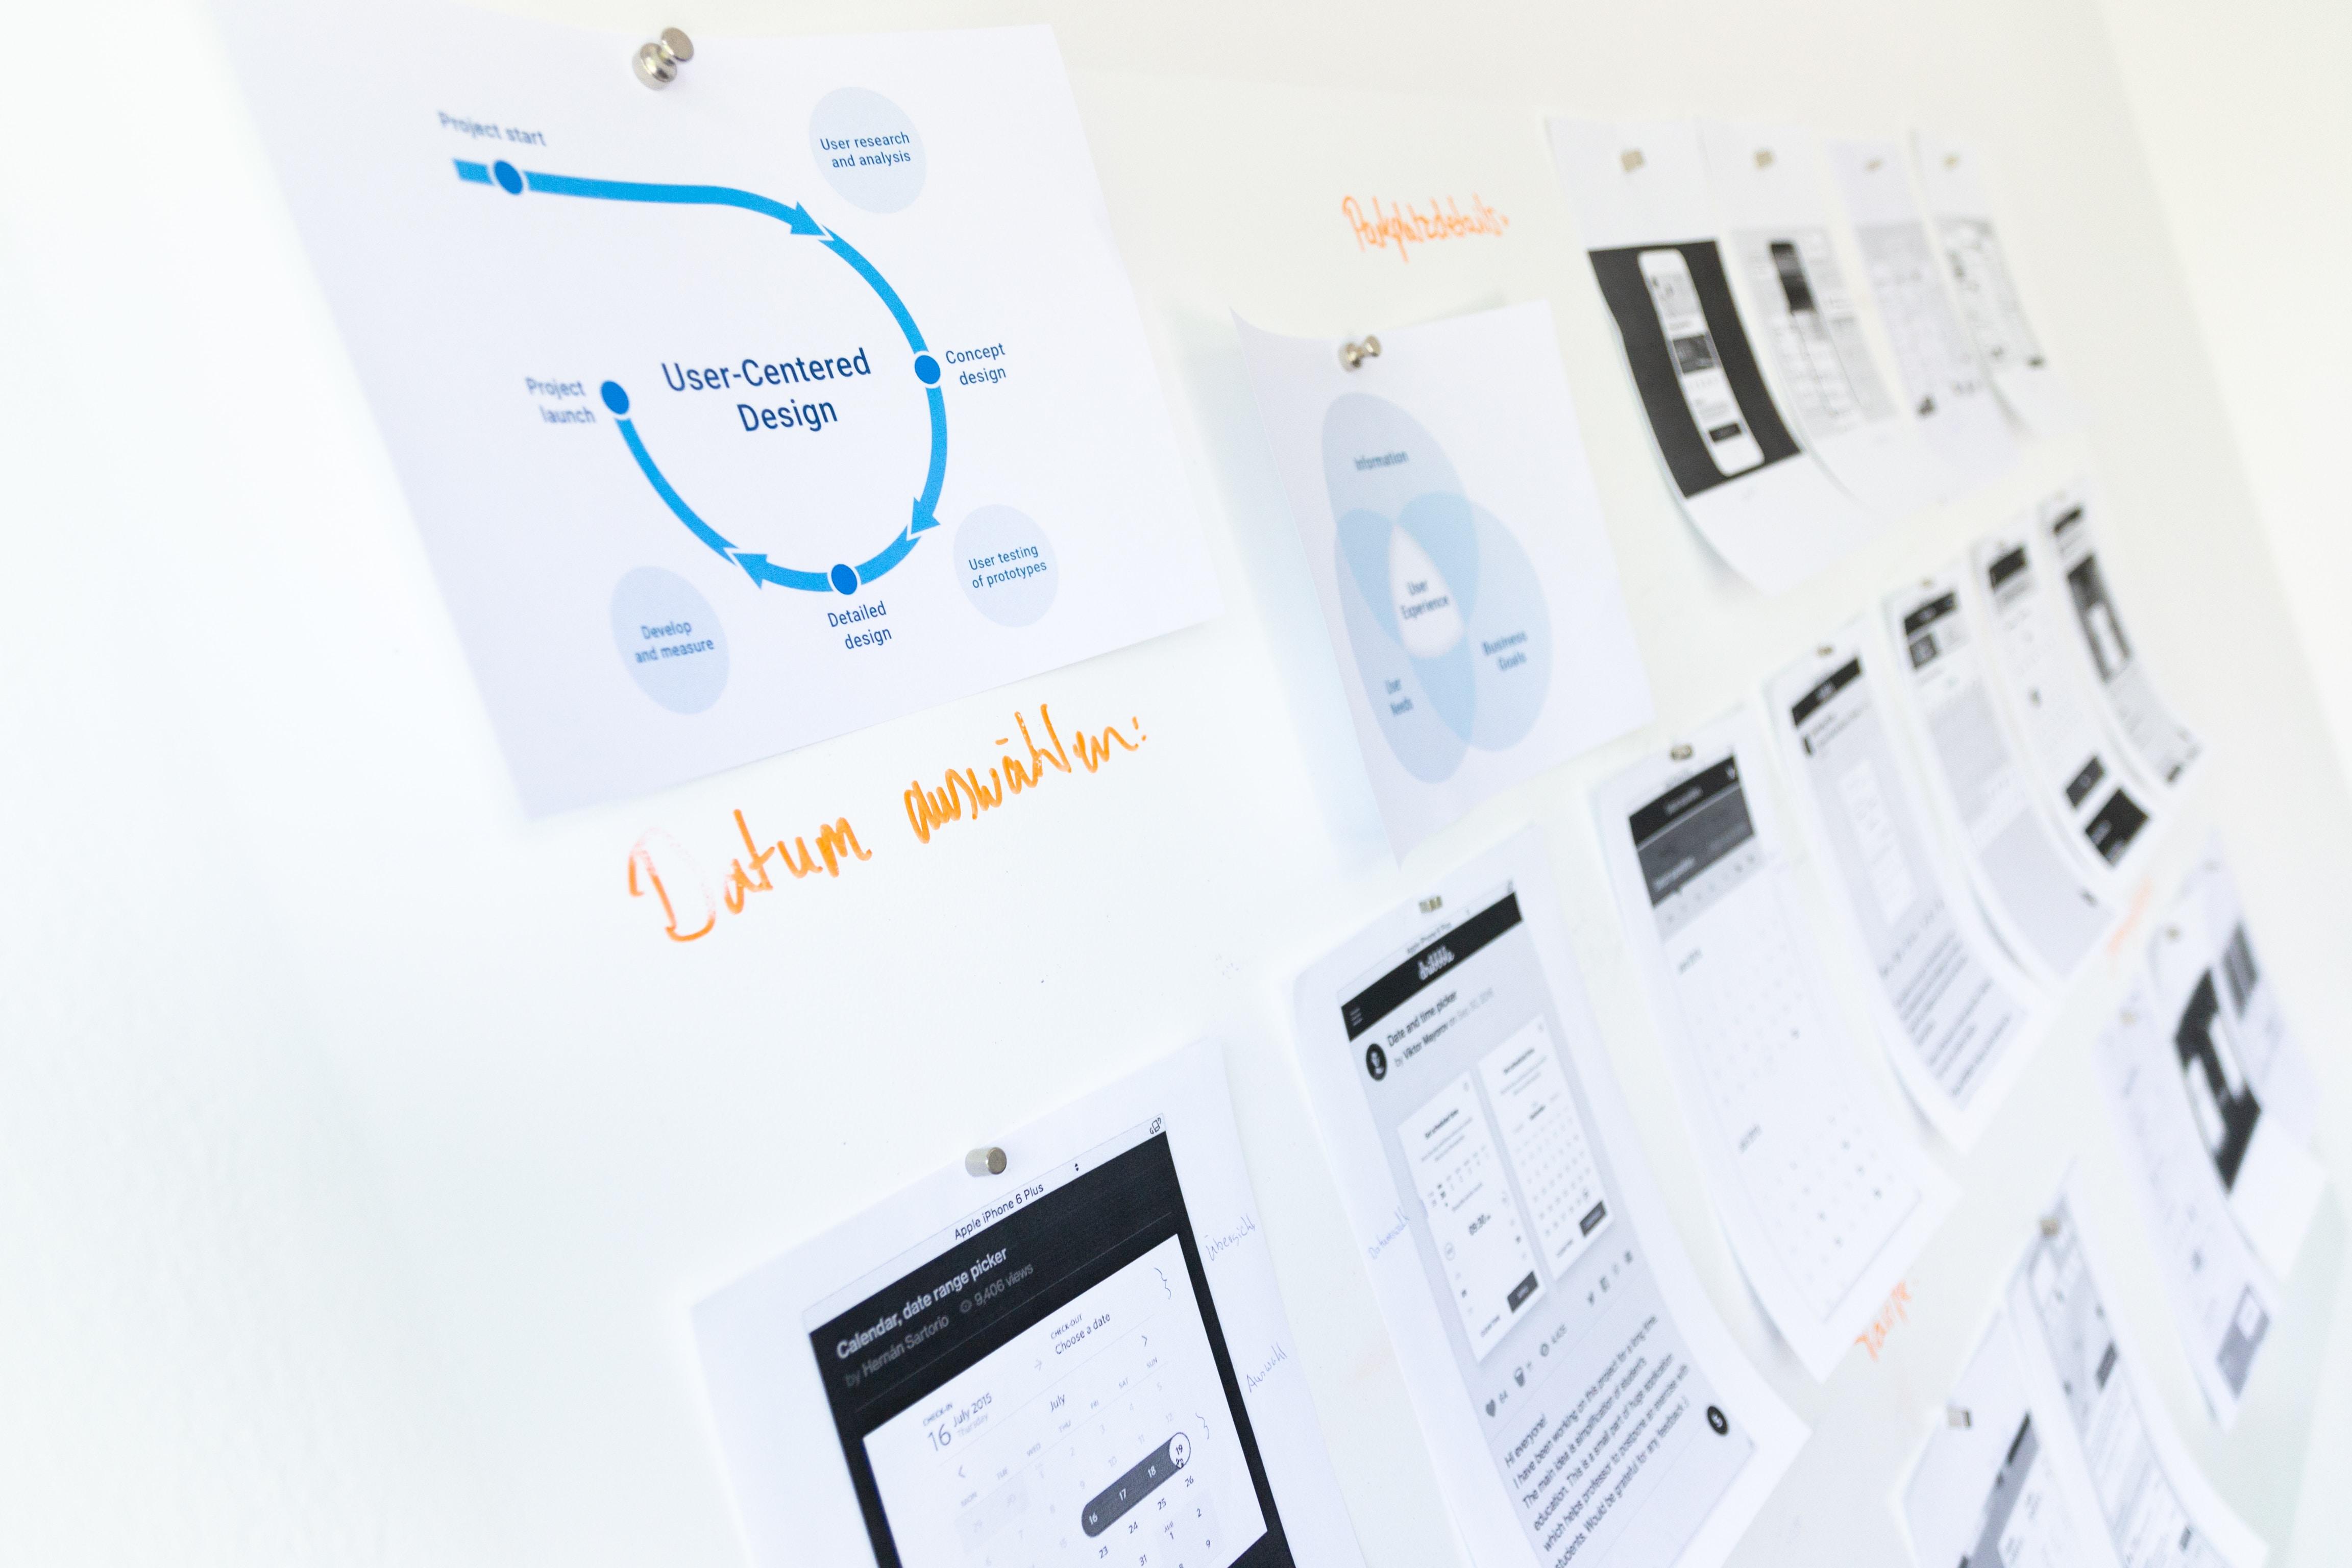 Illustration of a system design